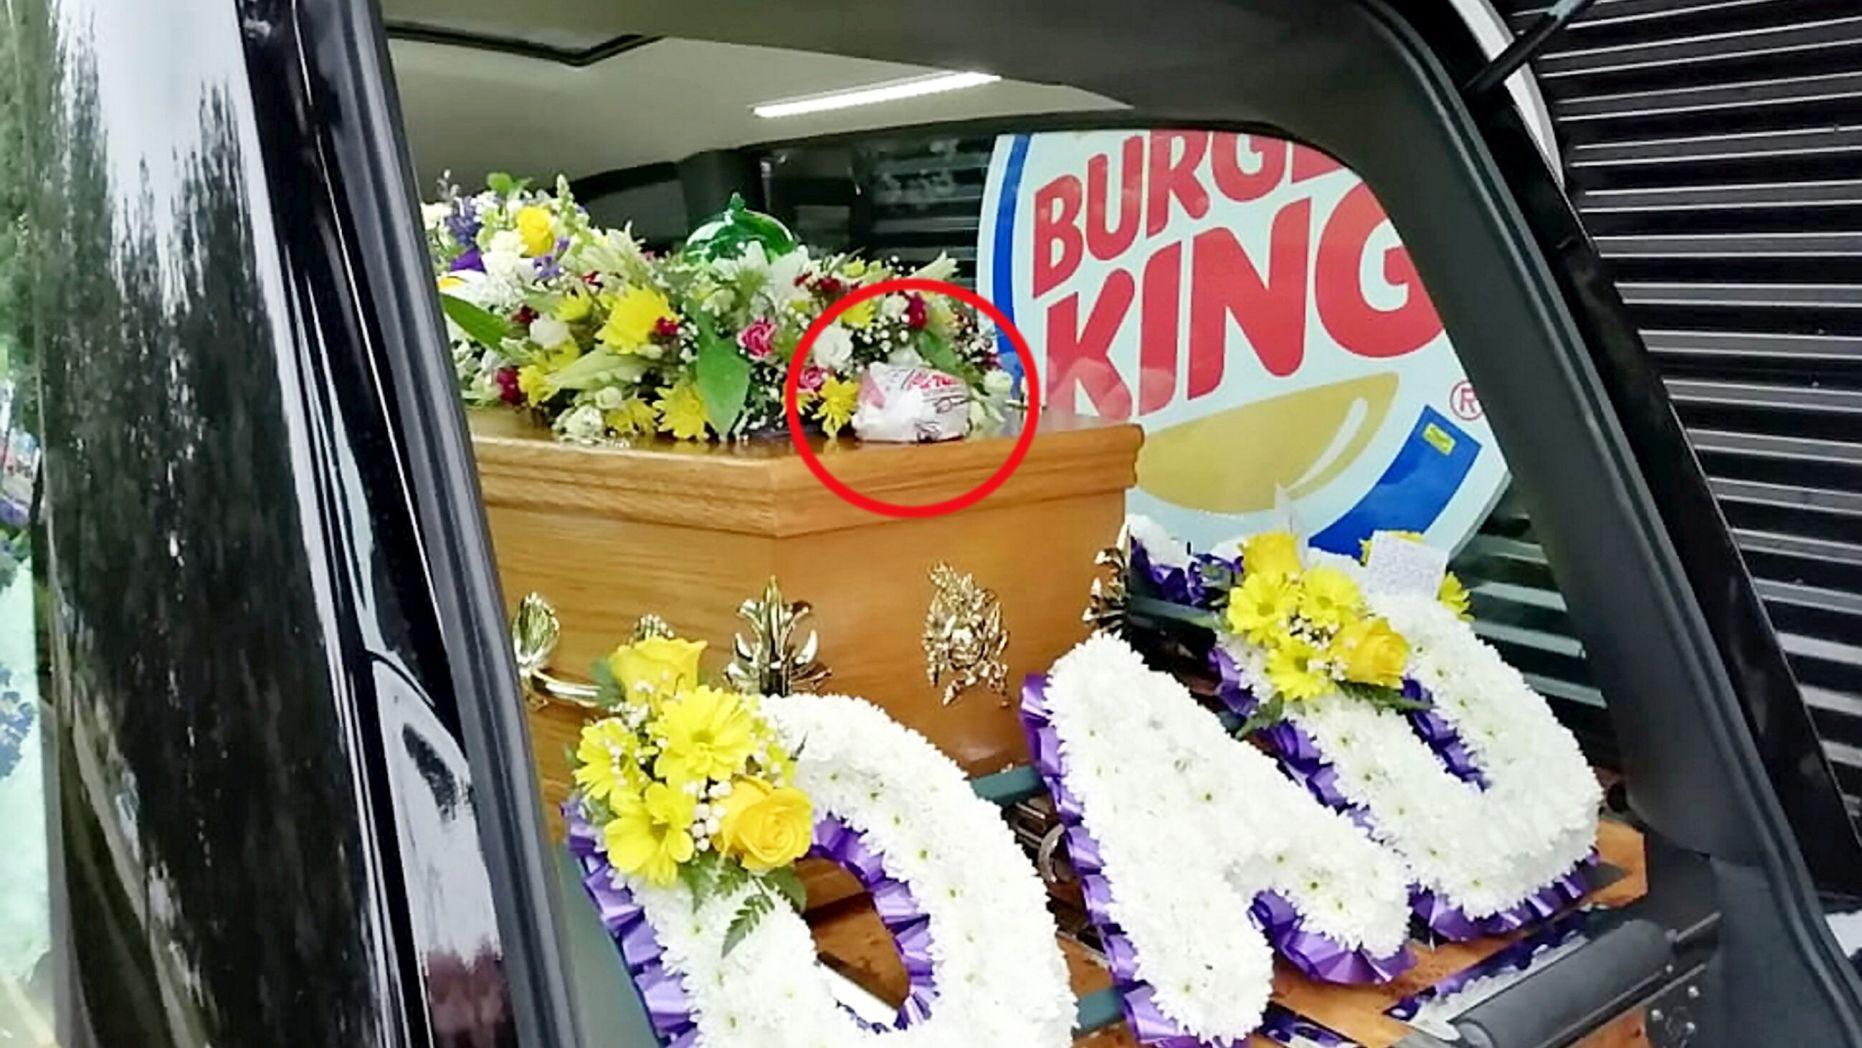 Εκπλήρωσε την τελευταία επιθυμία του πατέρα του πηγαίνοντας το φέρετρό του στα Burger King [φωτο]